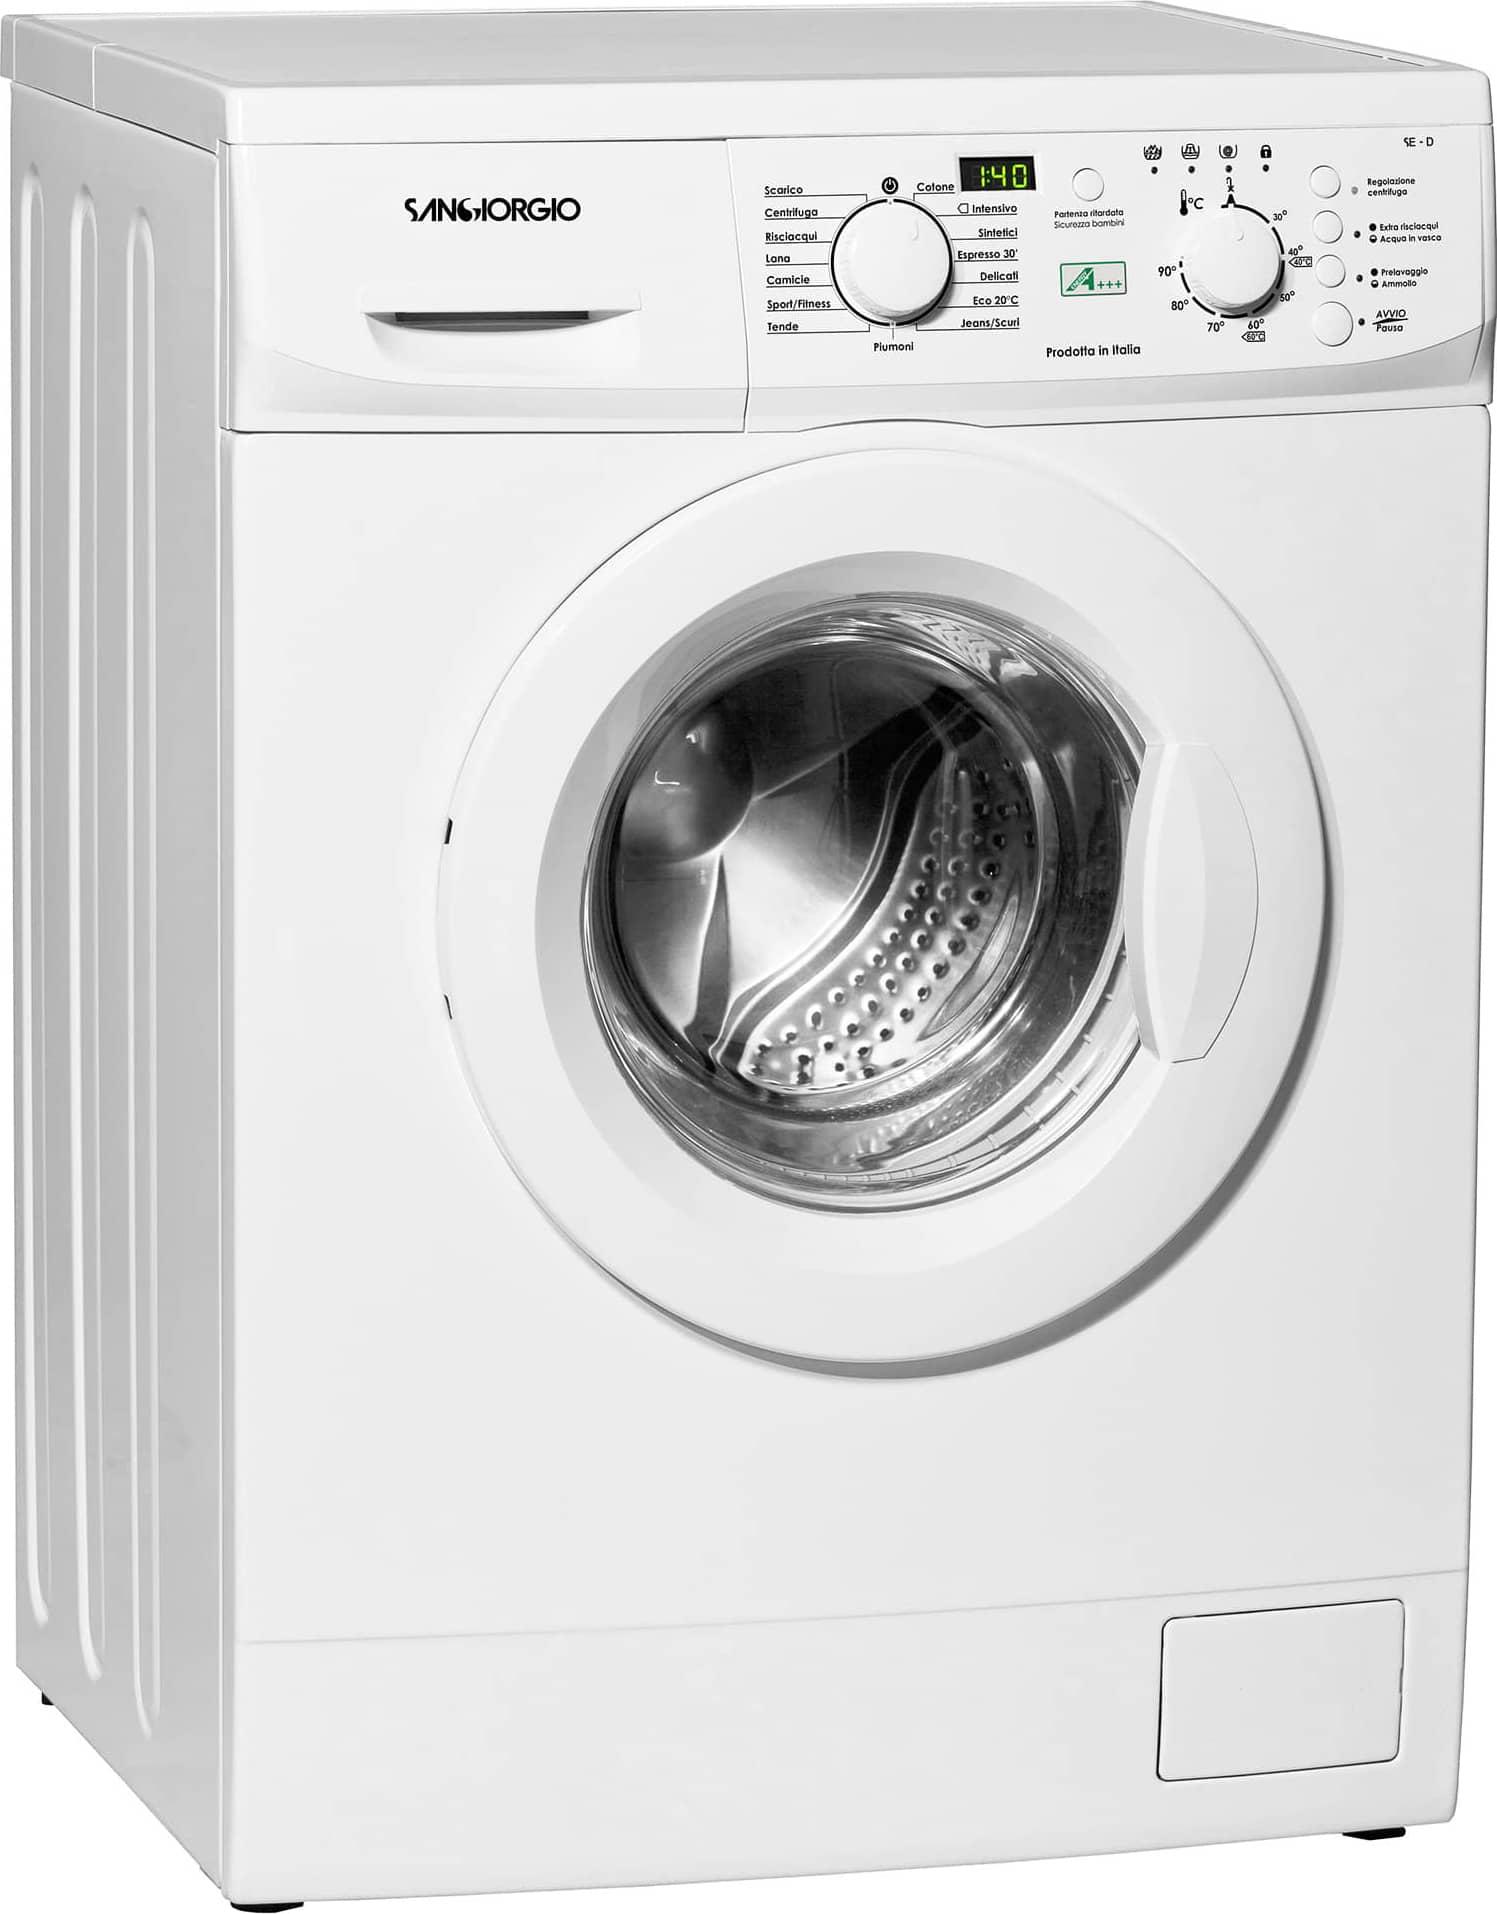 San giorgio lavatrice slim 5 kg classe a 45 cm 1000 giri for Peso lavatrice